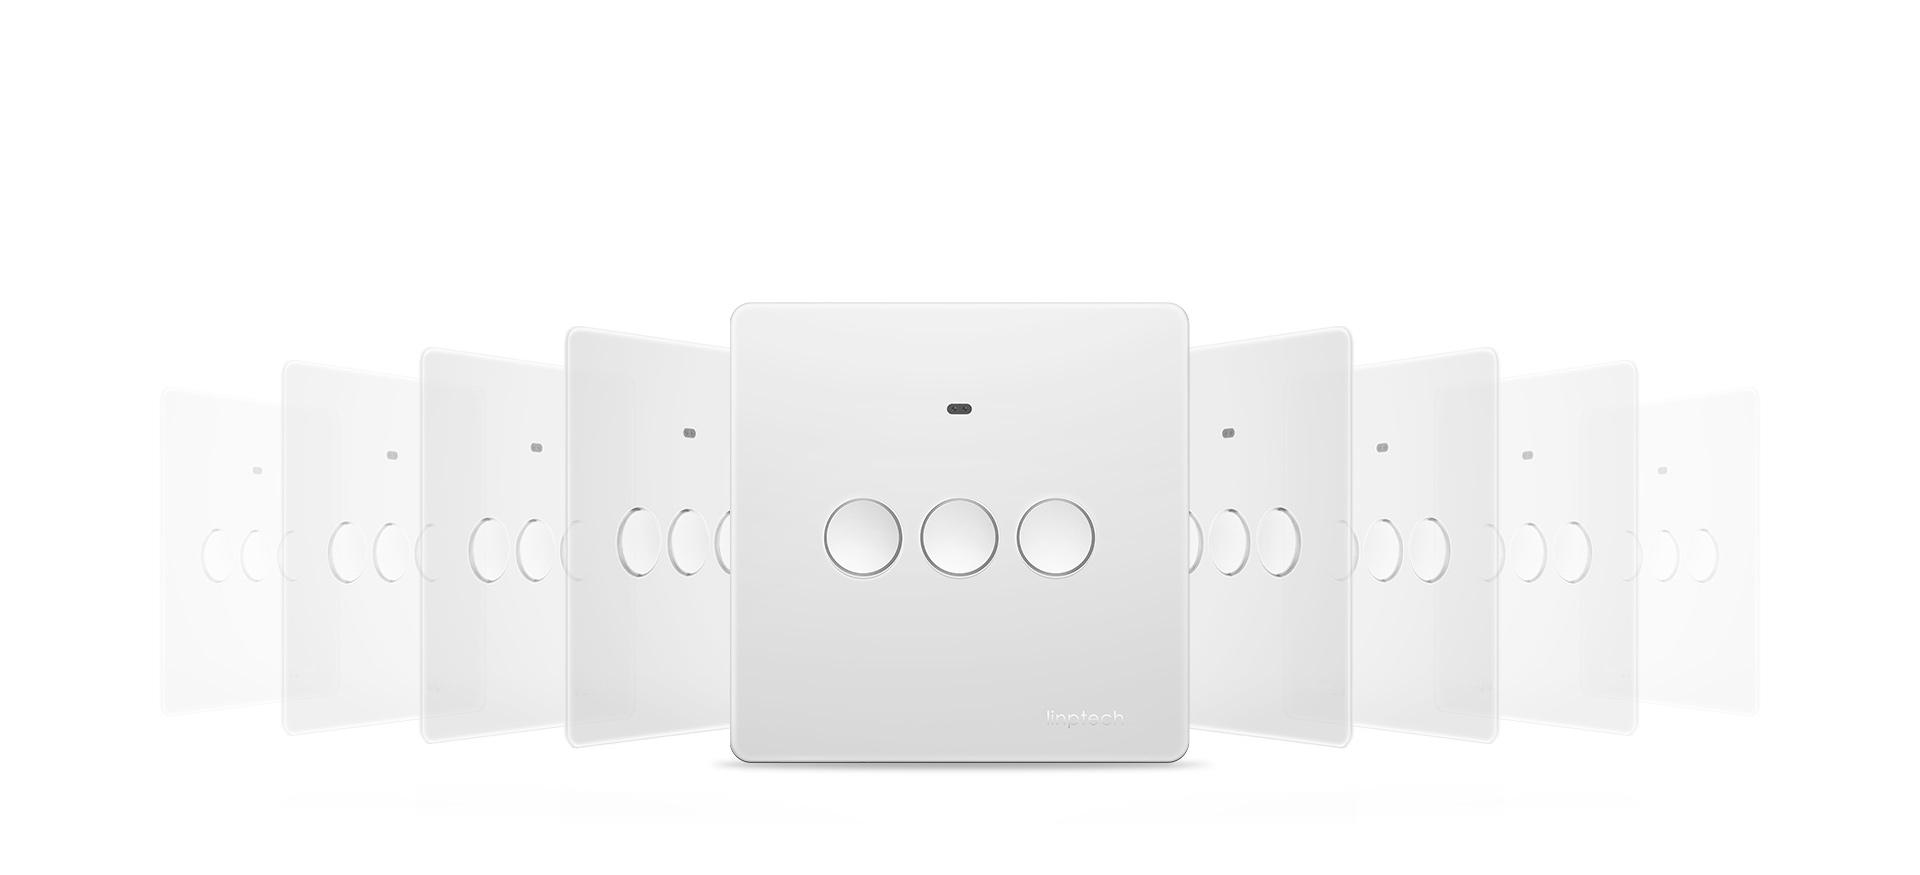 Q1系列智能墙壁开关,遥控开关接收器,挥手控制开关灯